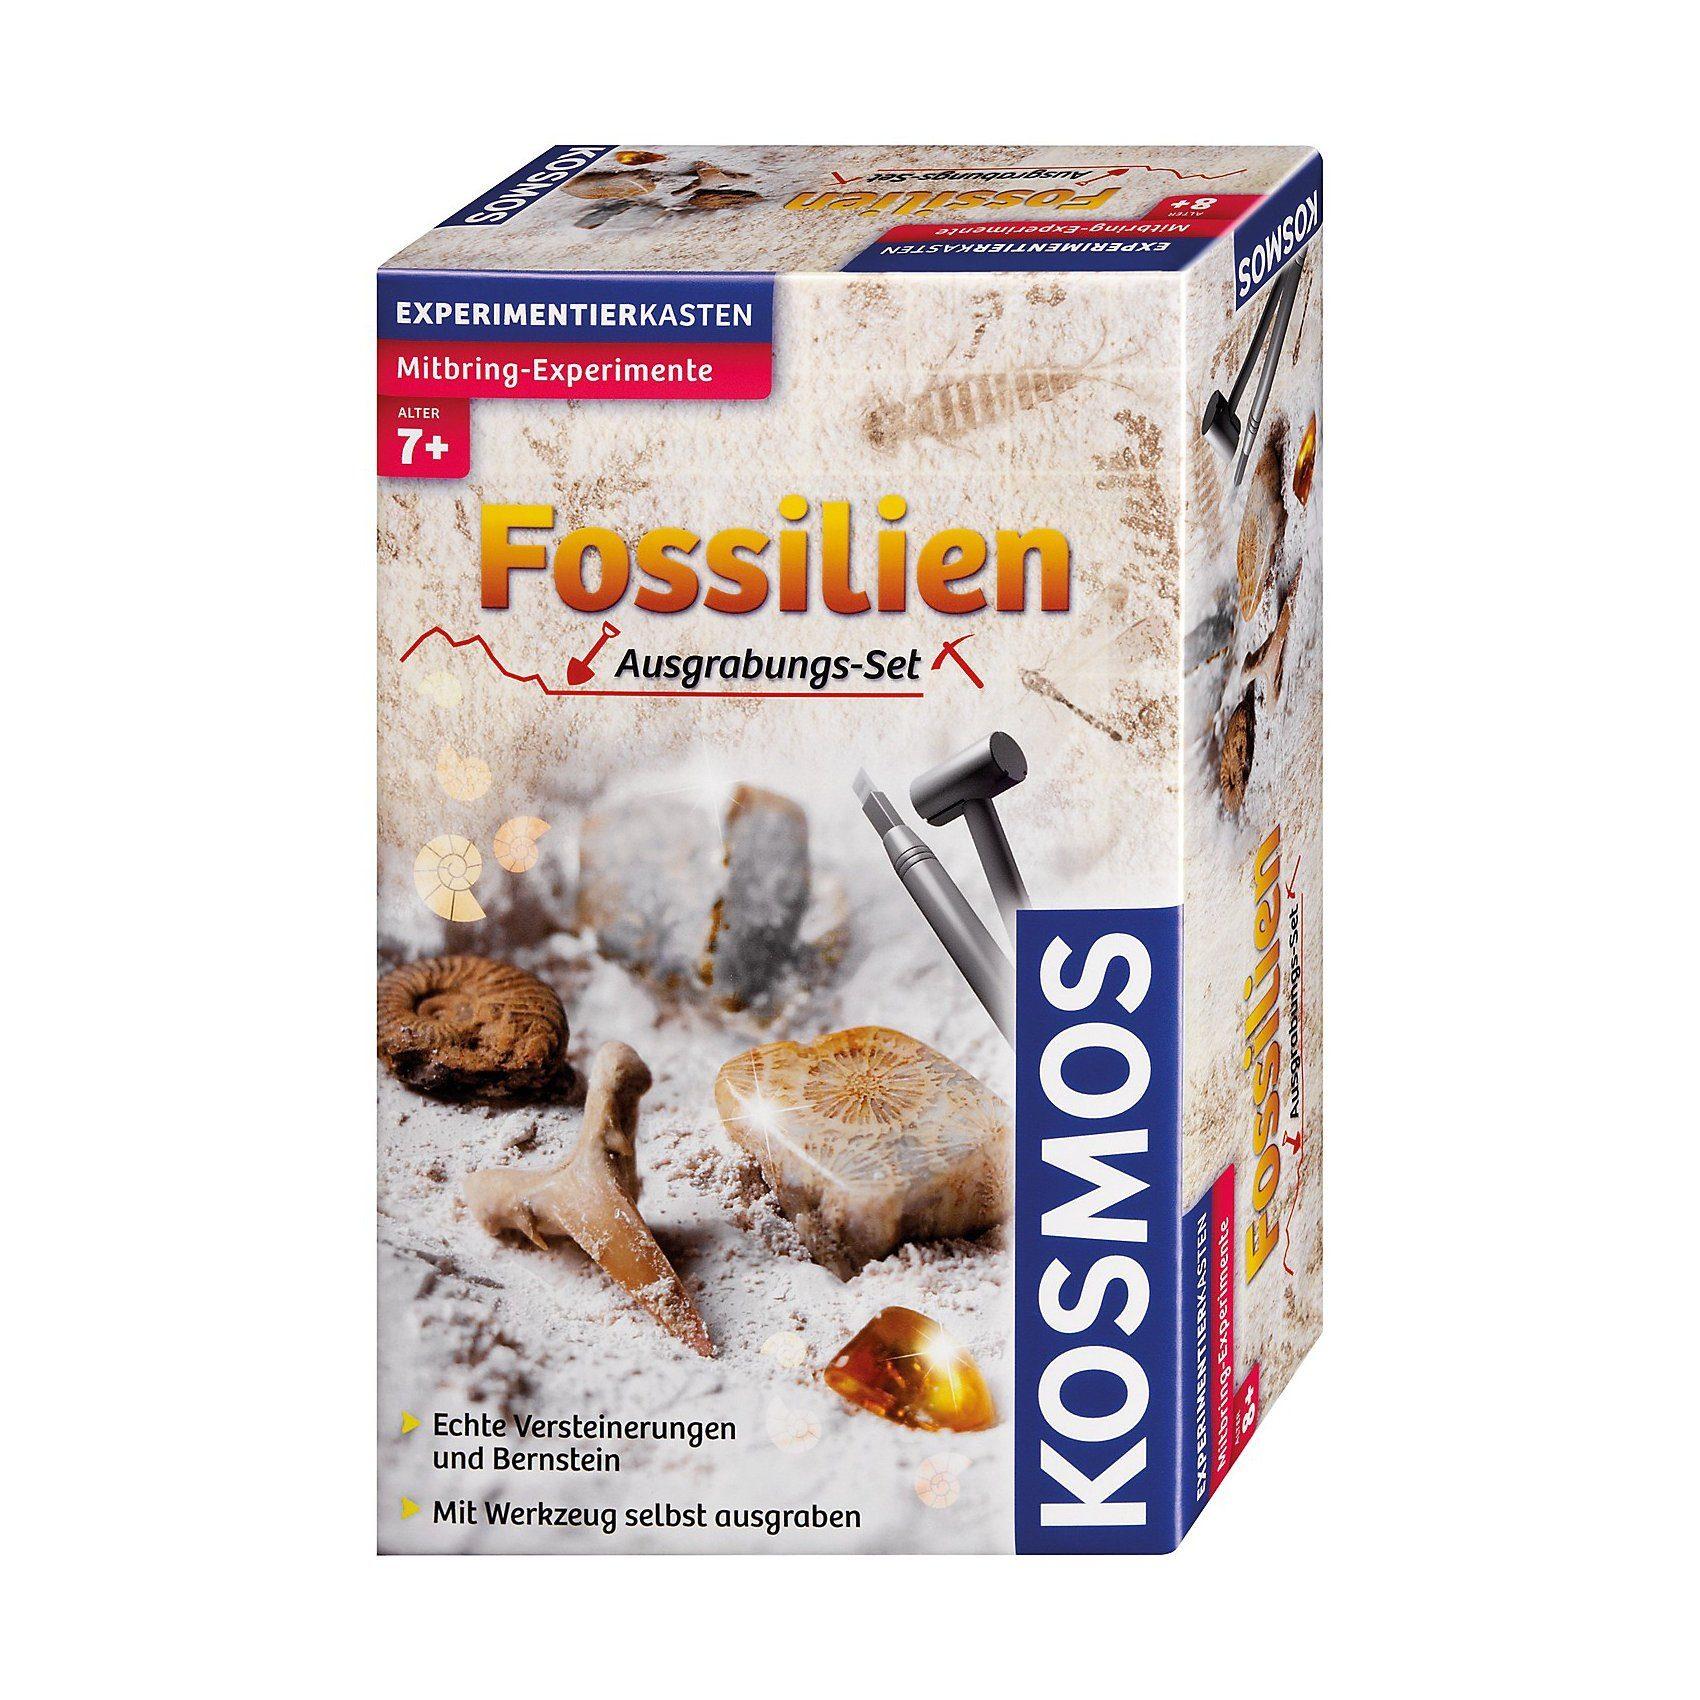 Kosmos Mitbringexperimente Ausgrabungsset Fossilien